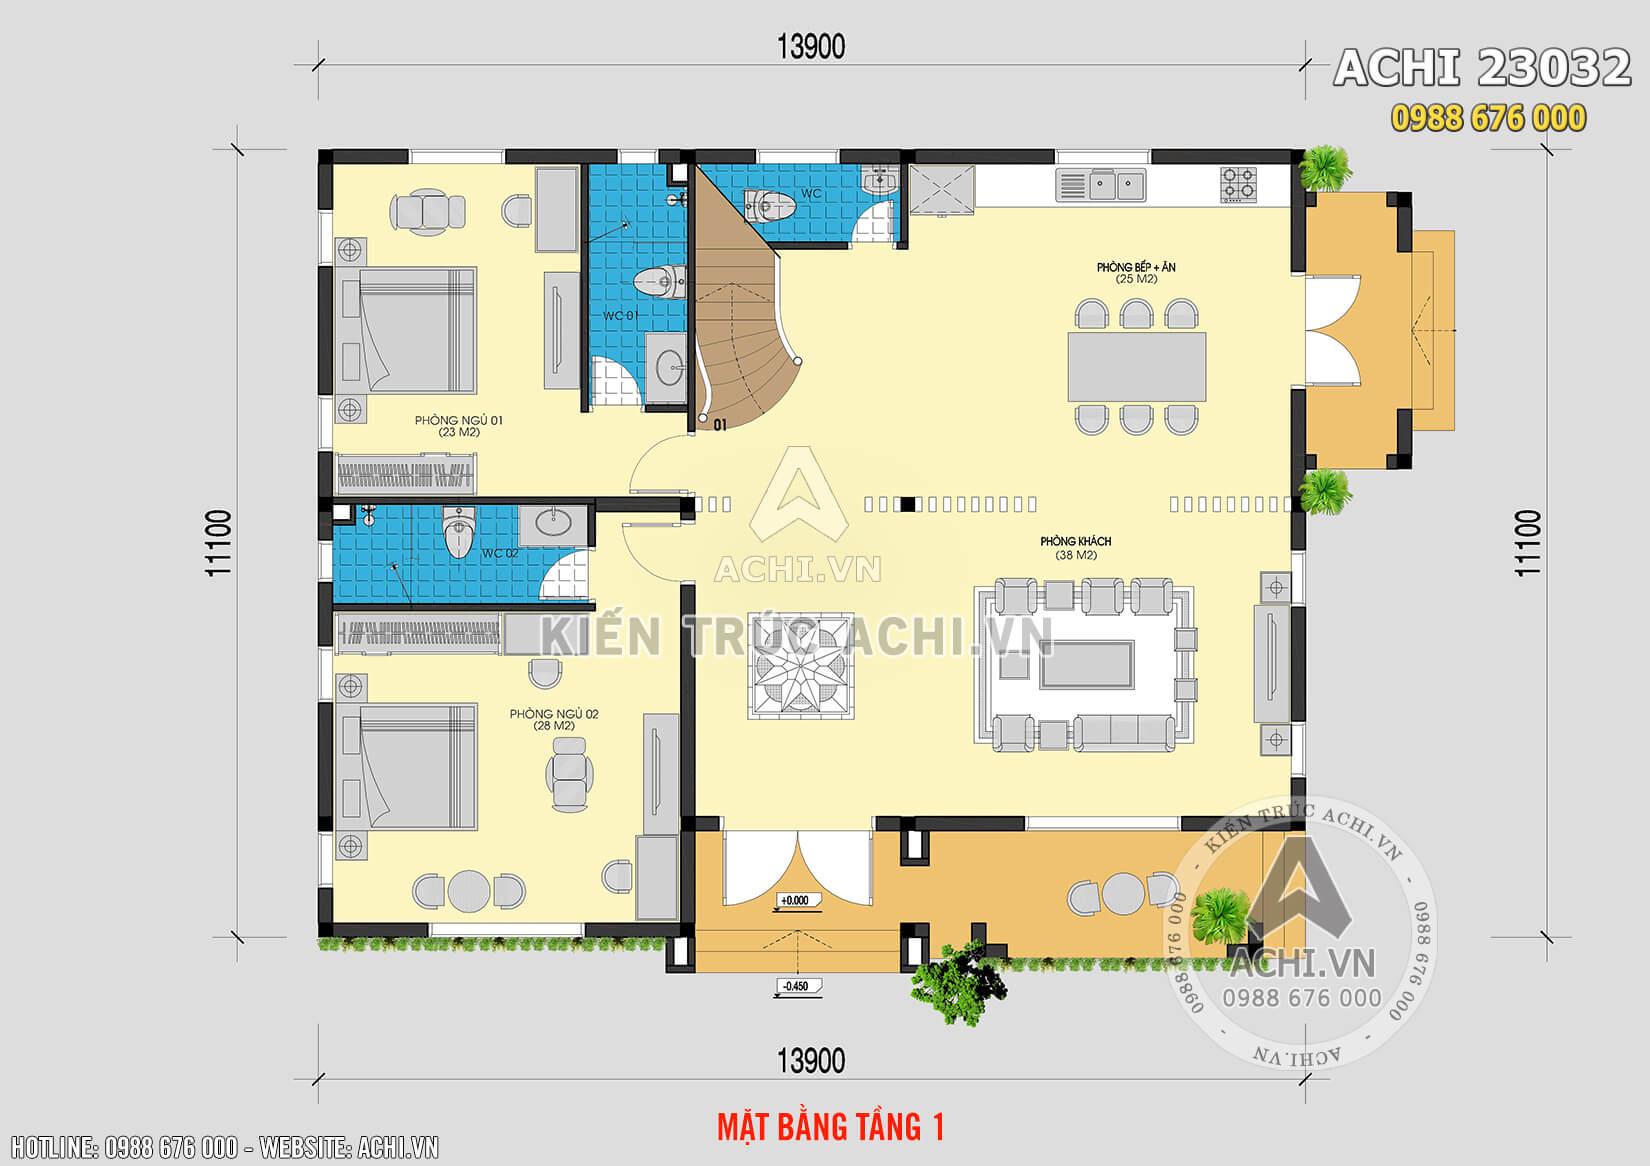 Mặt bằng tầng 1 của mẫu biệt thự nhà vườn 2 tầng mái thái